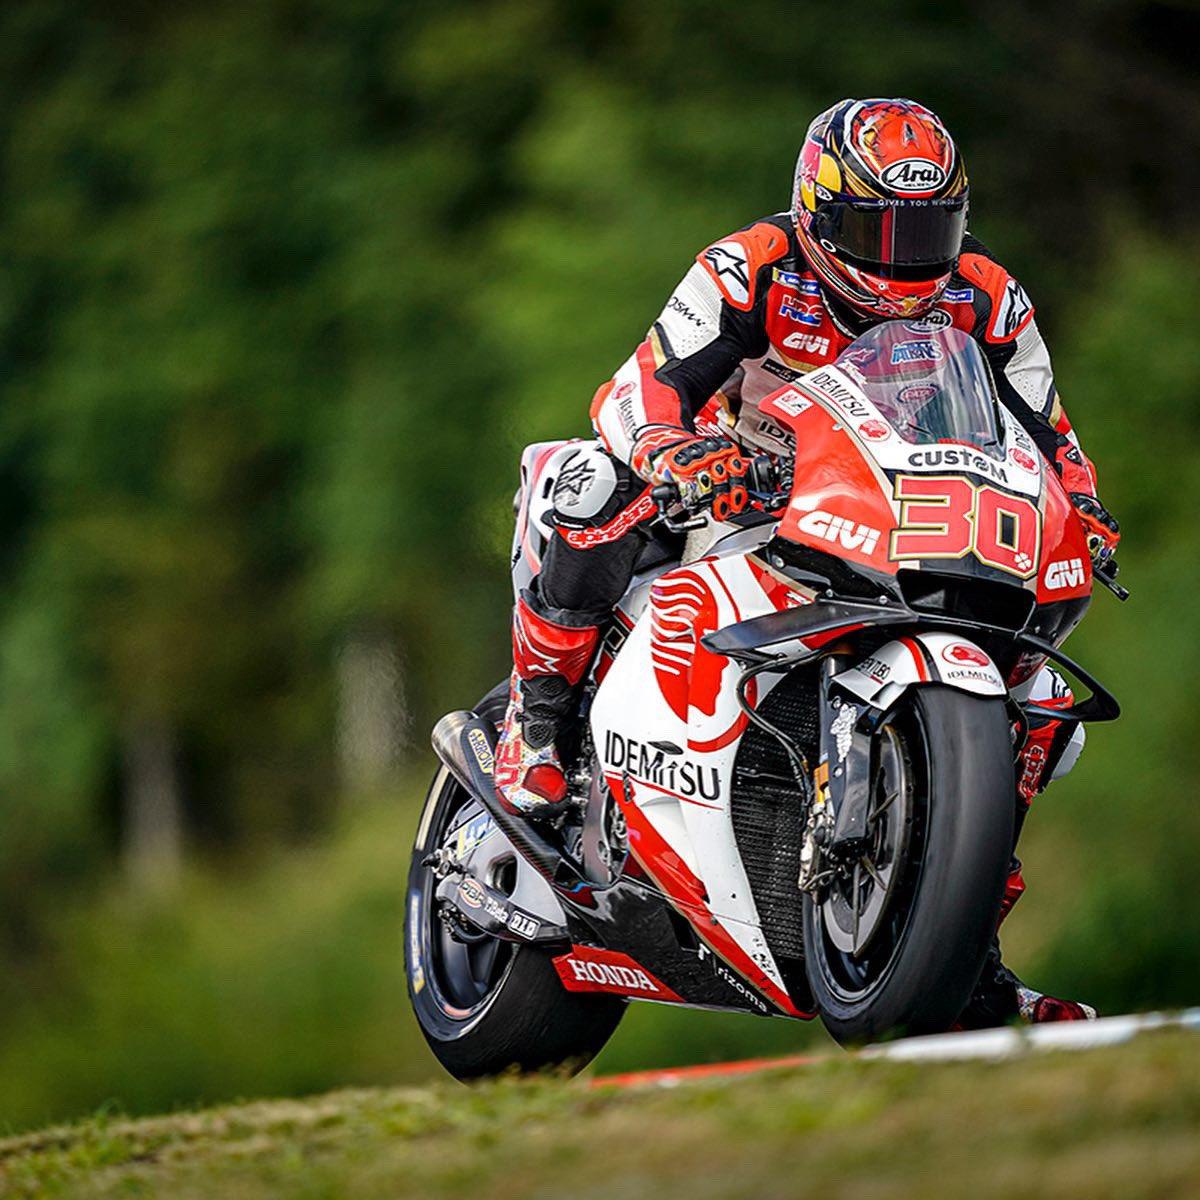 良いテストでした!オーストリアに移動します🇦🇹 Good test yesterday 😄! Thanks my team for hard work 👏🏼 Let's go to Austria 🇦🇹 #MotoGP